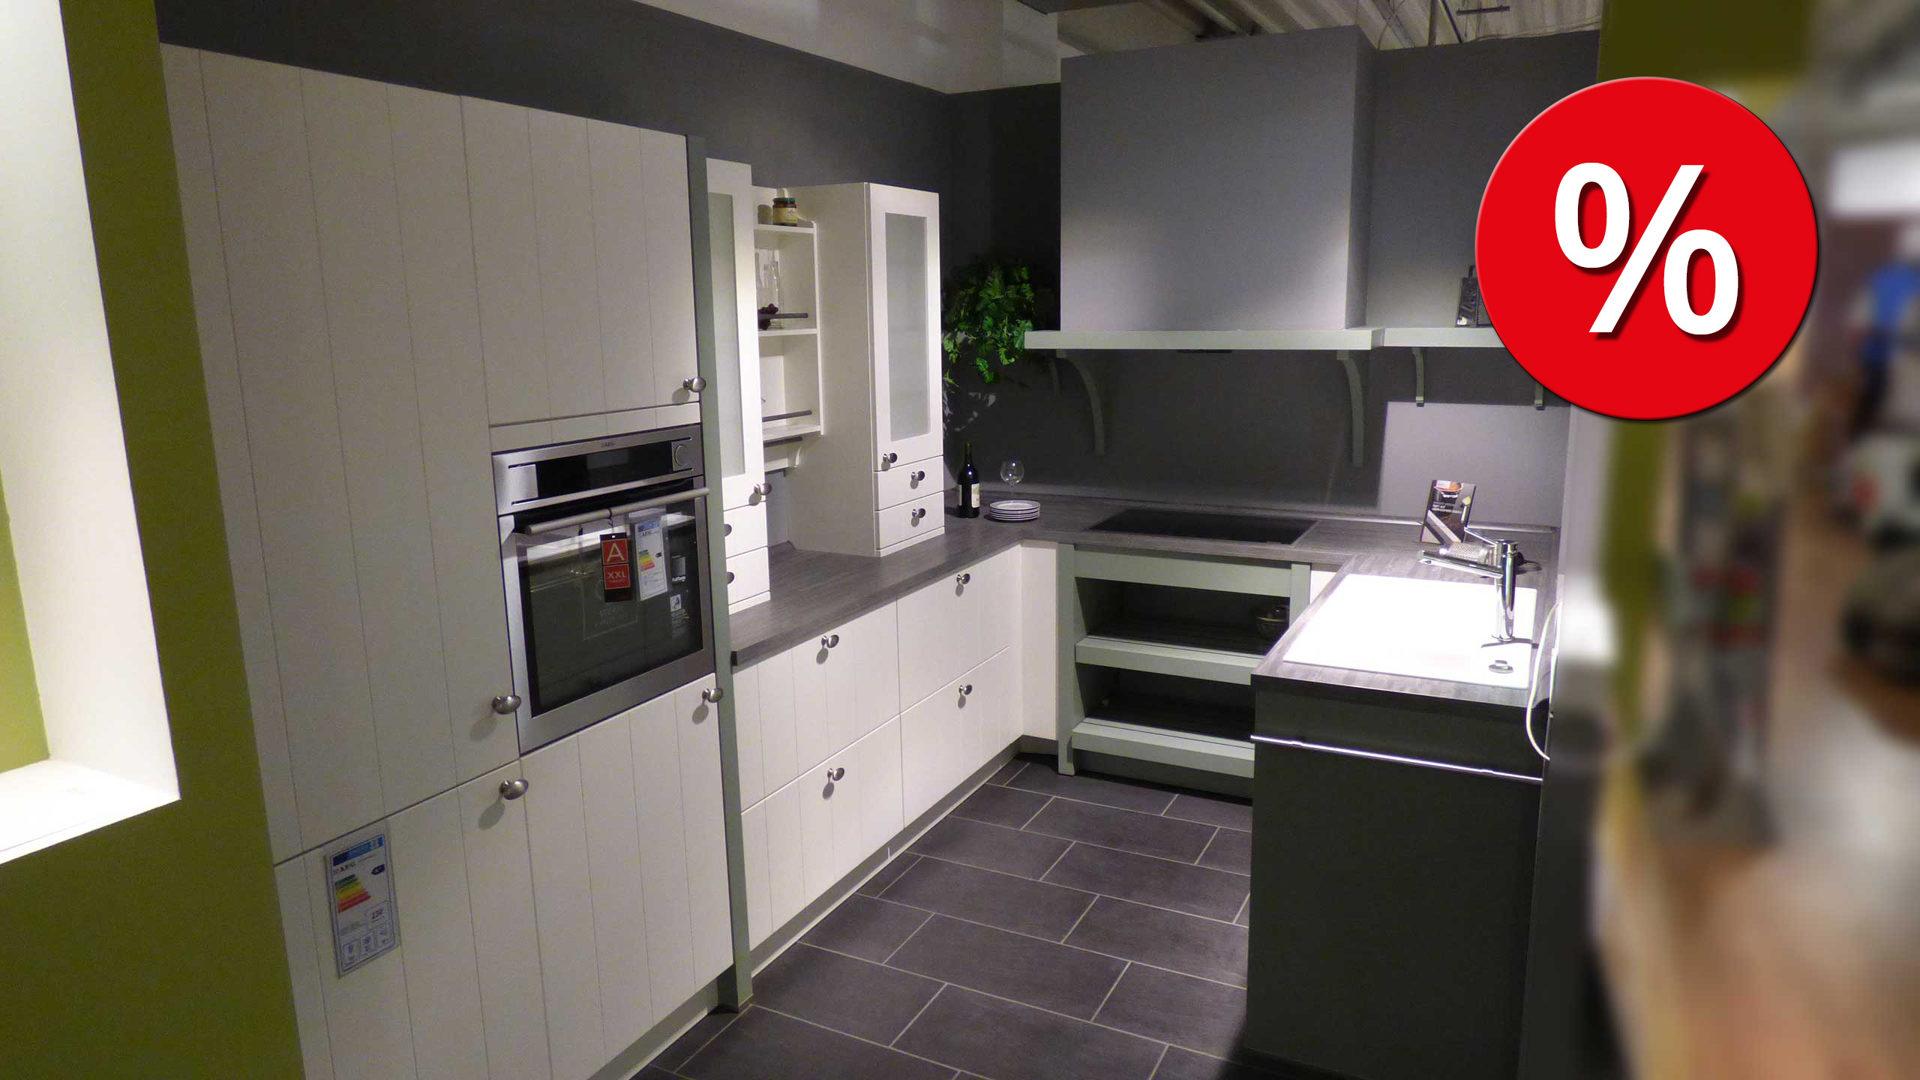 Einbauküche weiß günstig  Stark reduzierte Schüller Küche, Einbauküche DOMUS inkl. AEG E ...